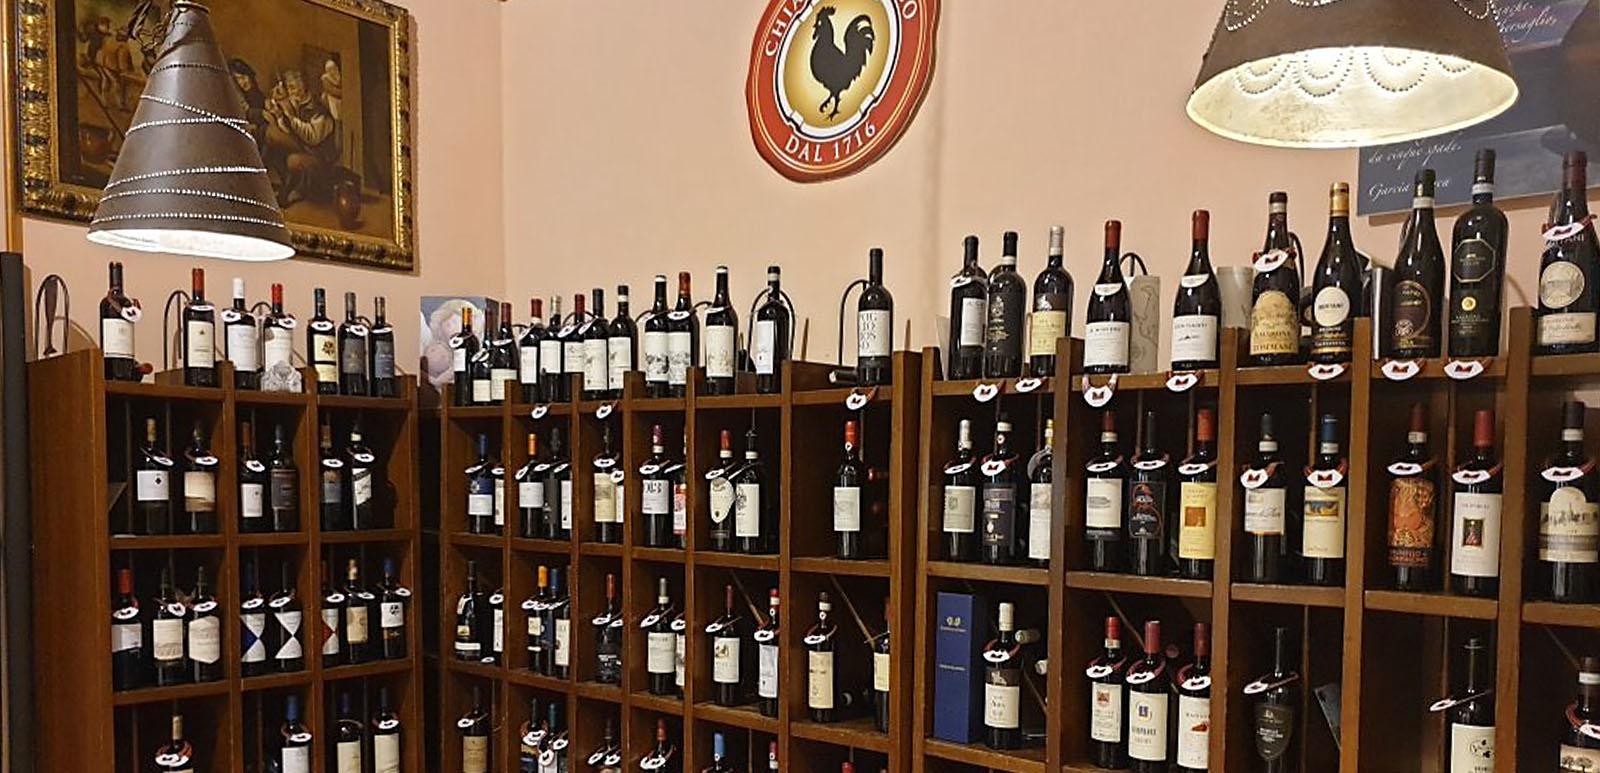 Enoteca Il Salotto vini pregiati visit Colle di Val dElsa